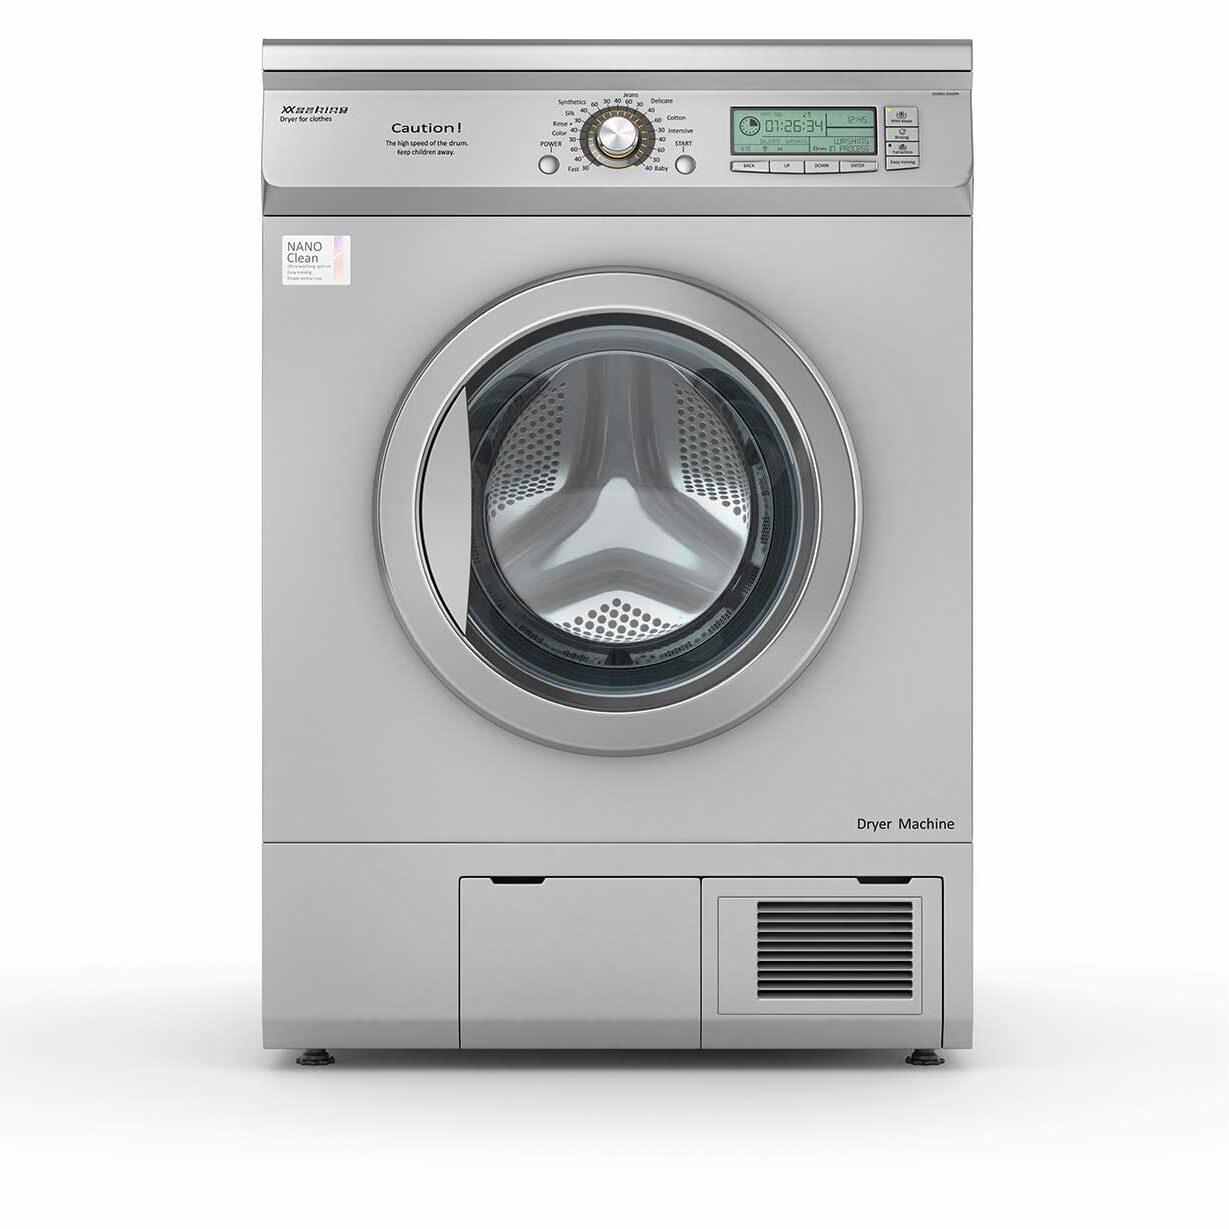 DryerWeb